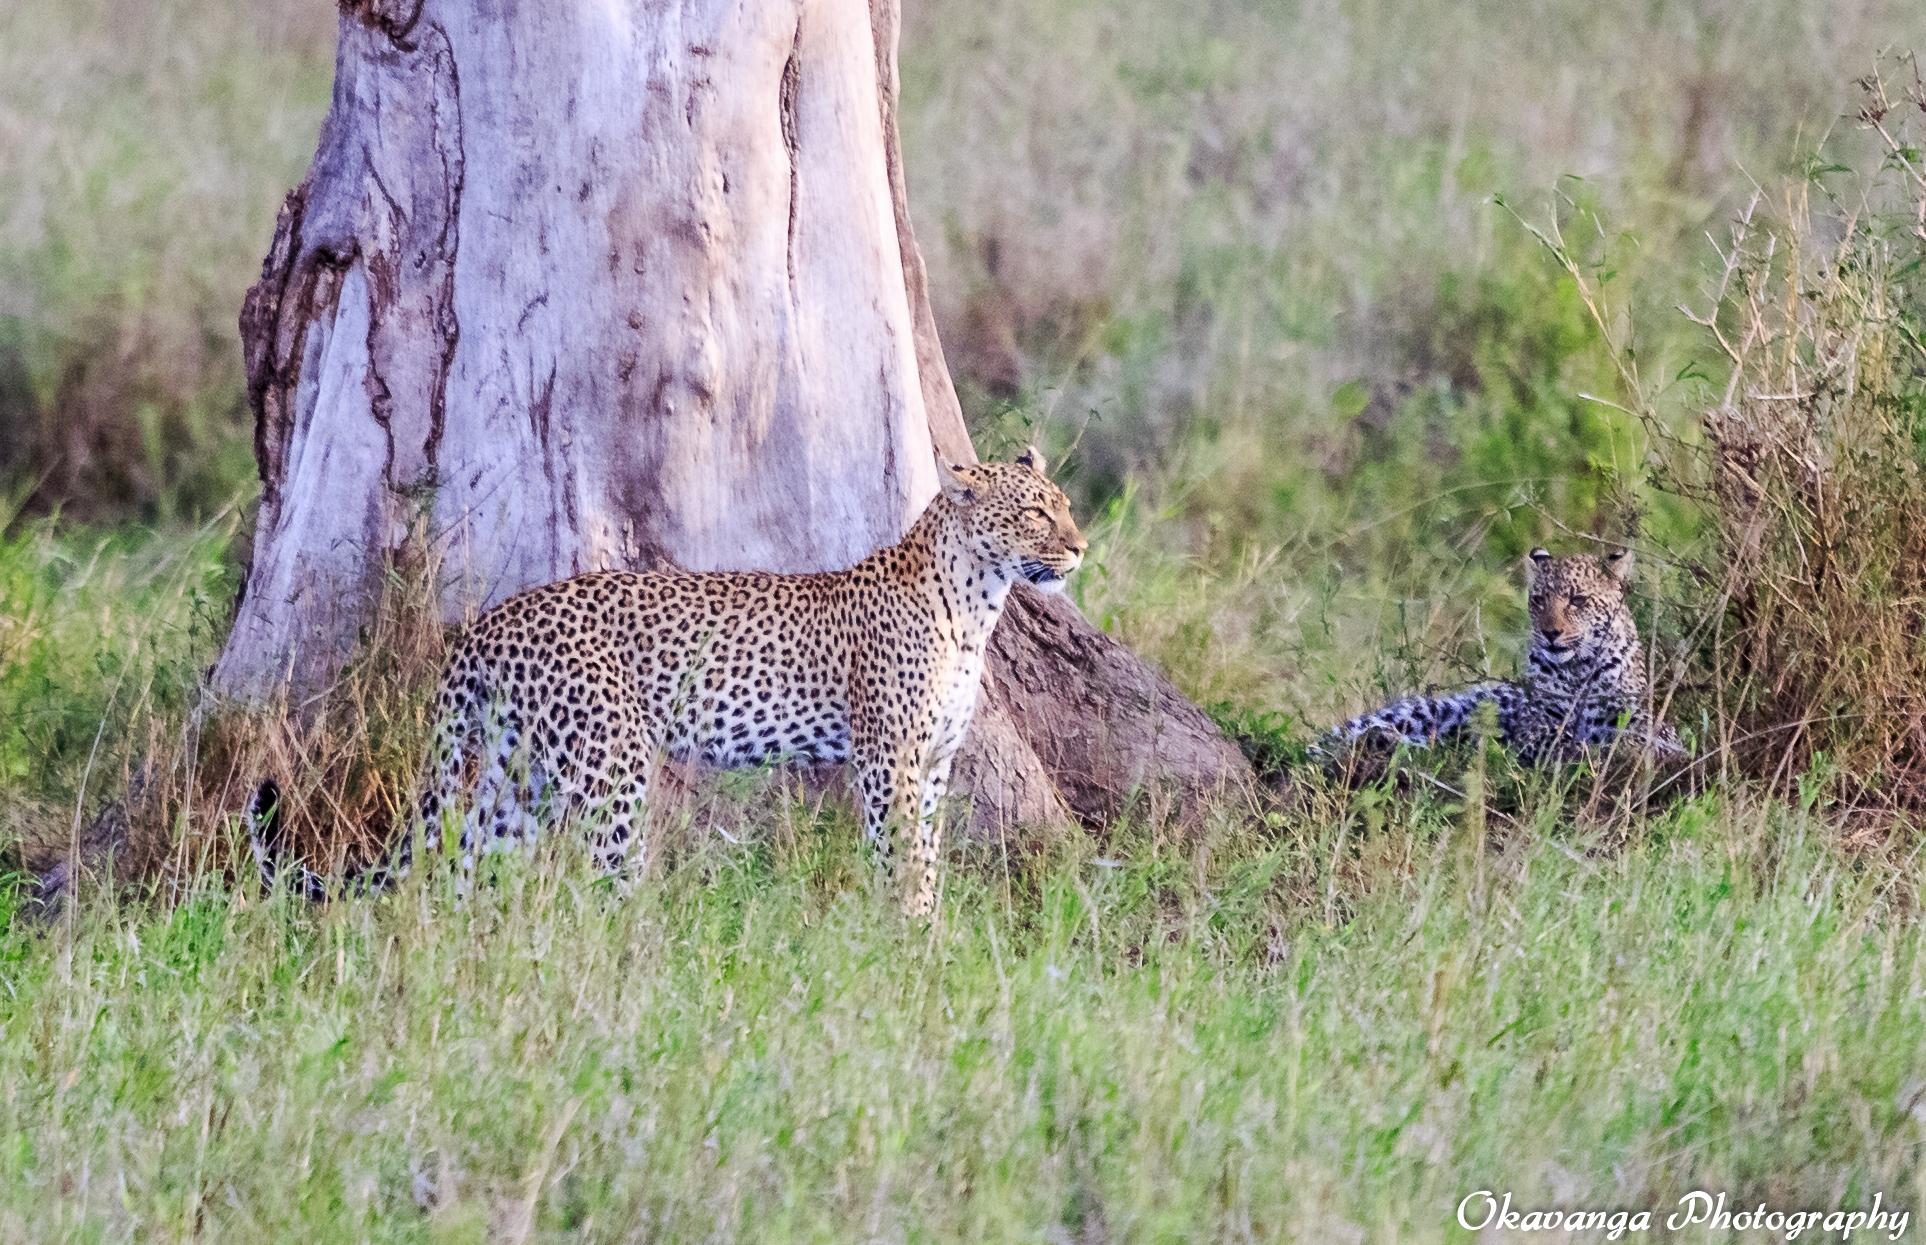 Female Leopard with Cub by Okavanga